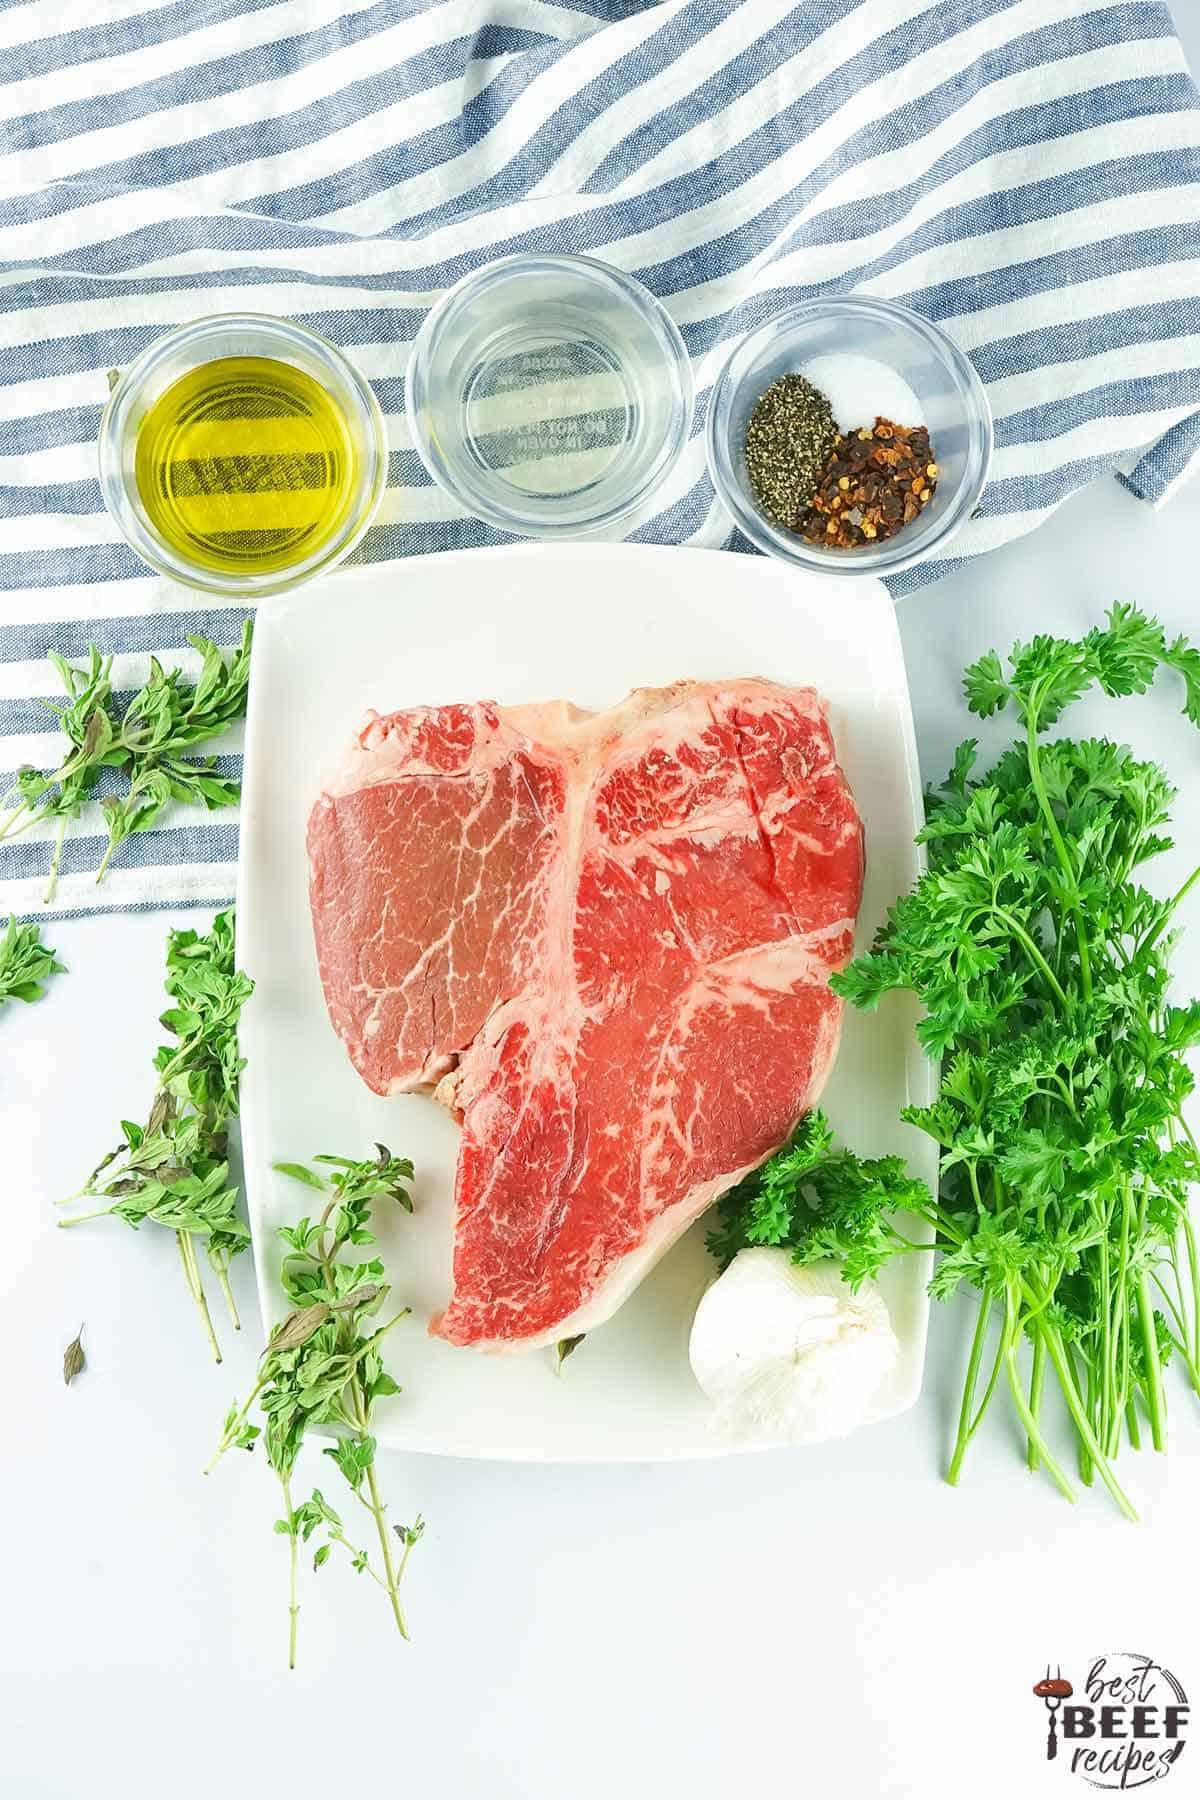 Porterhouse steak ingredients